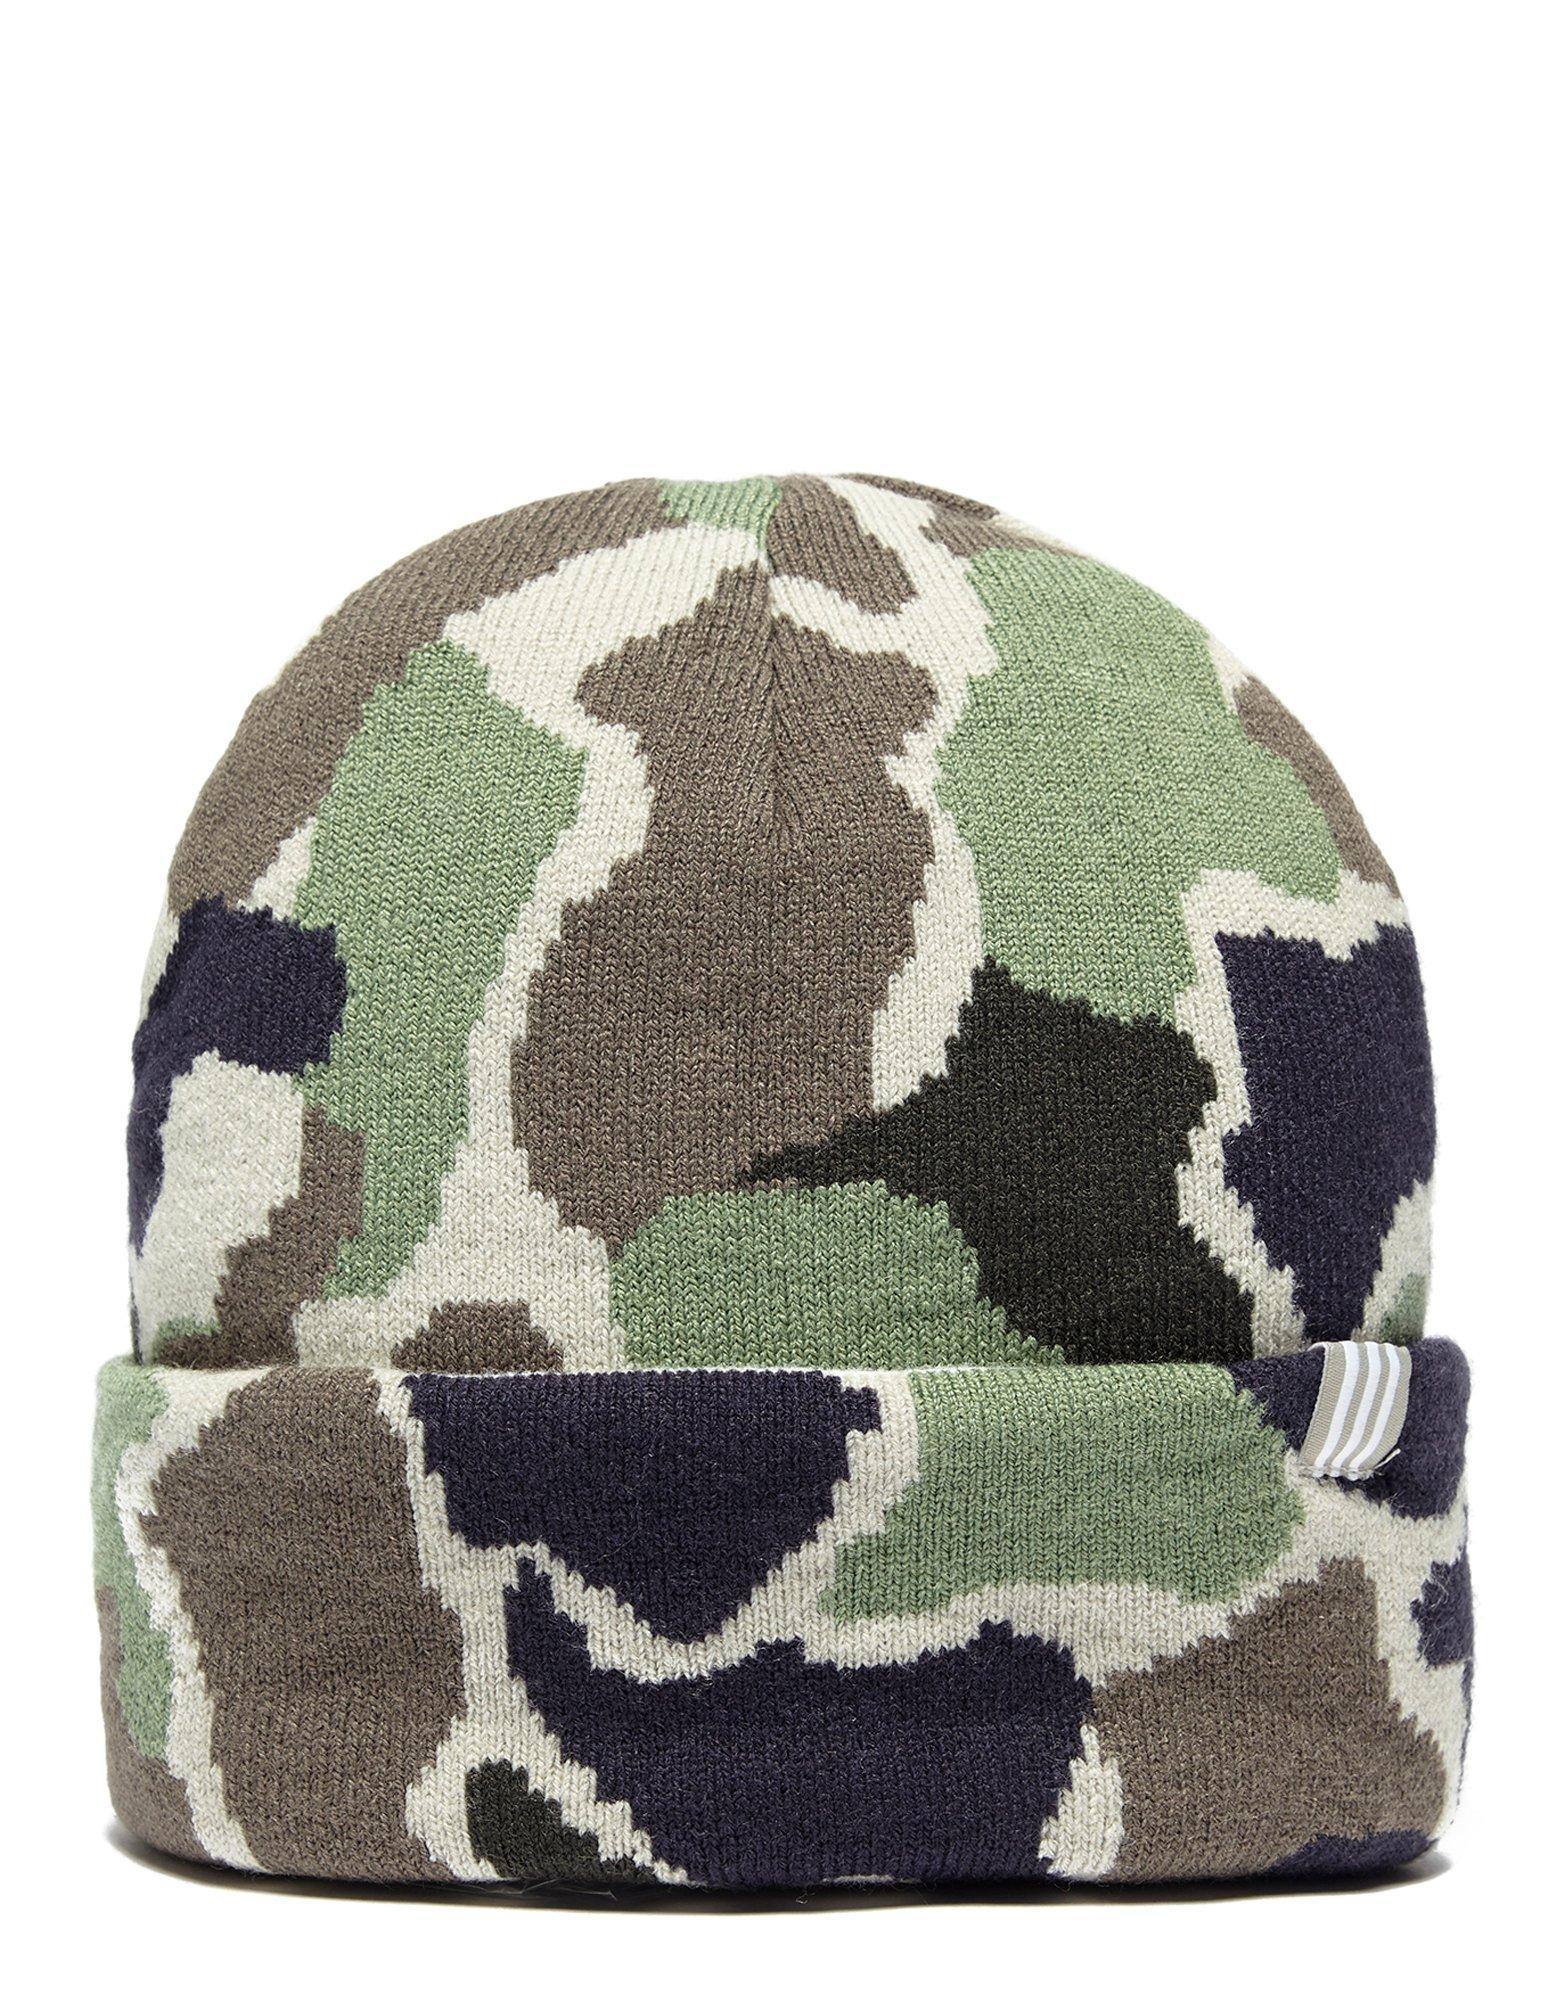 Lyst - adidas Originals Camo Beanie Hat for Men 361139985c2